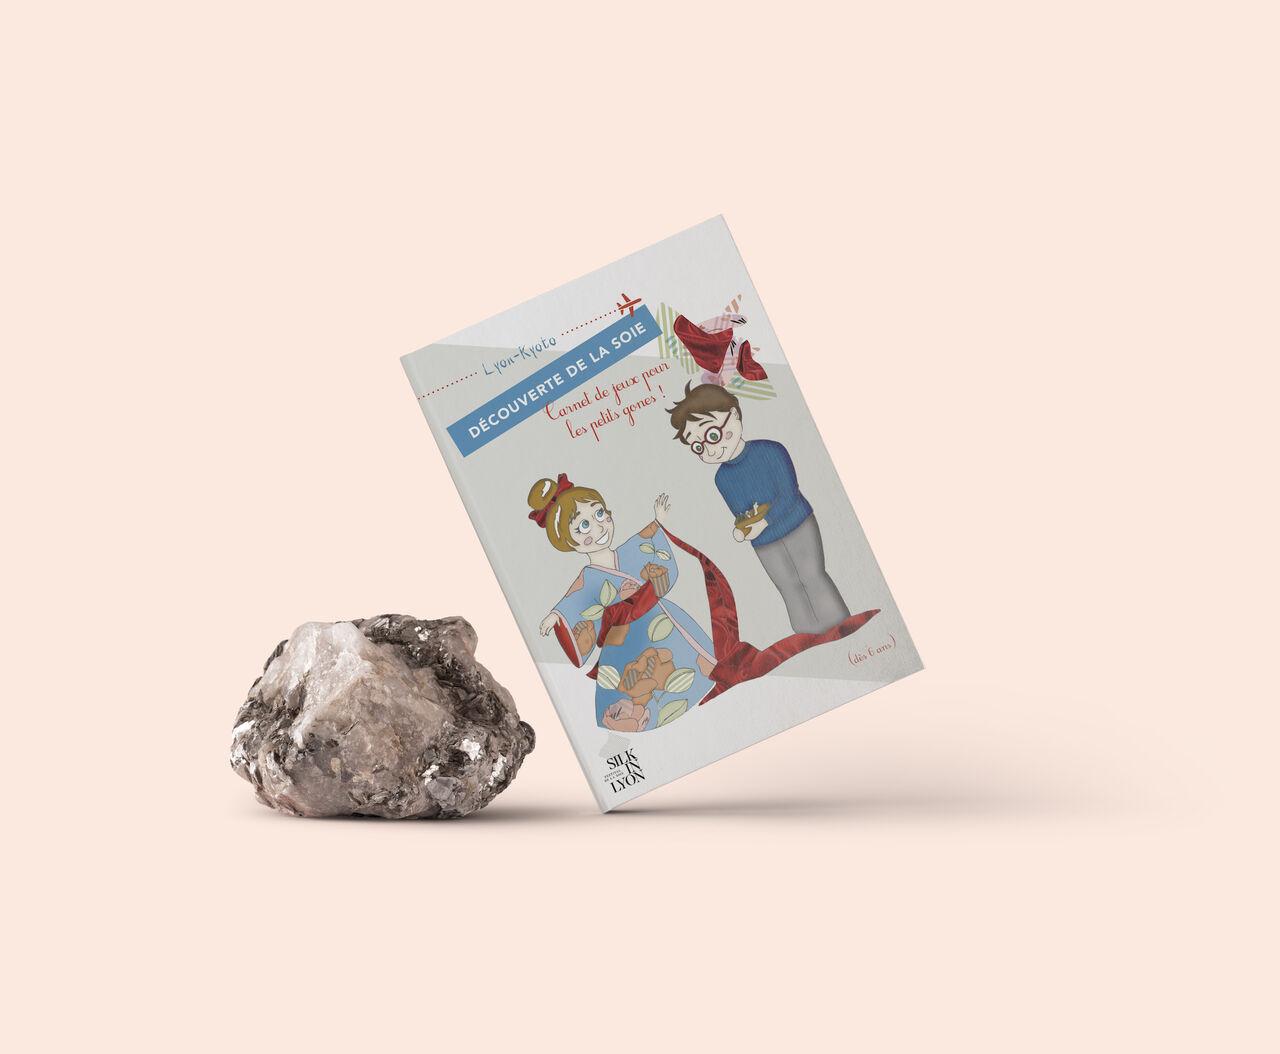 Graphisme - Livret illustré pour enfants